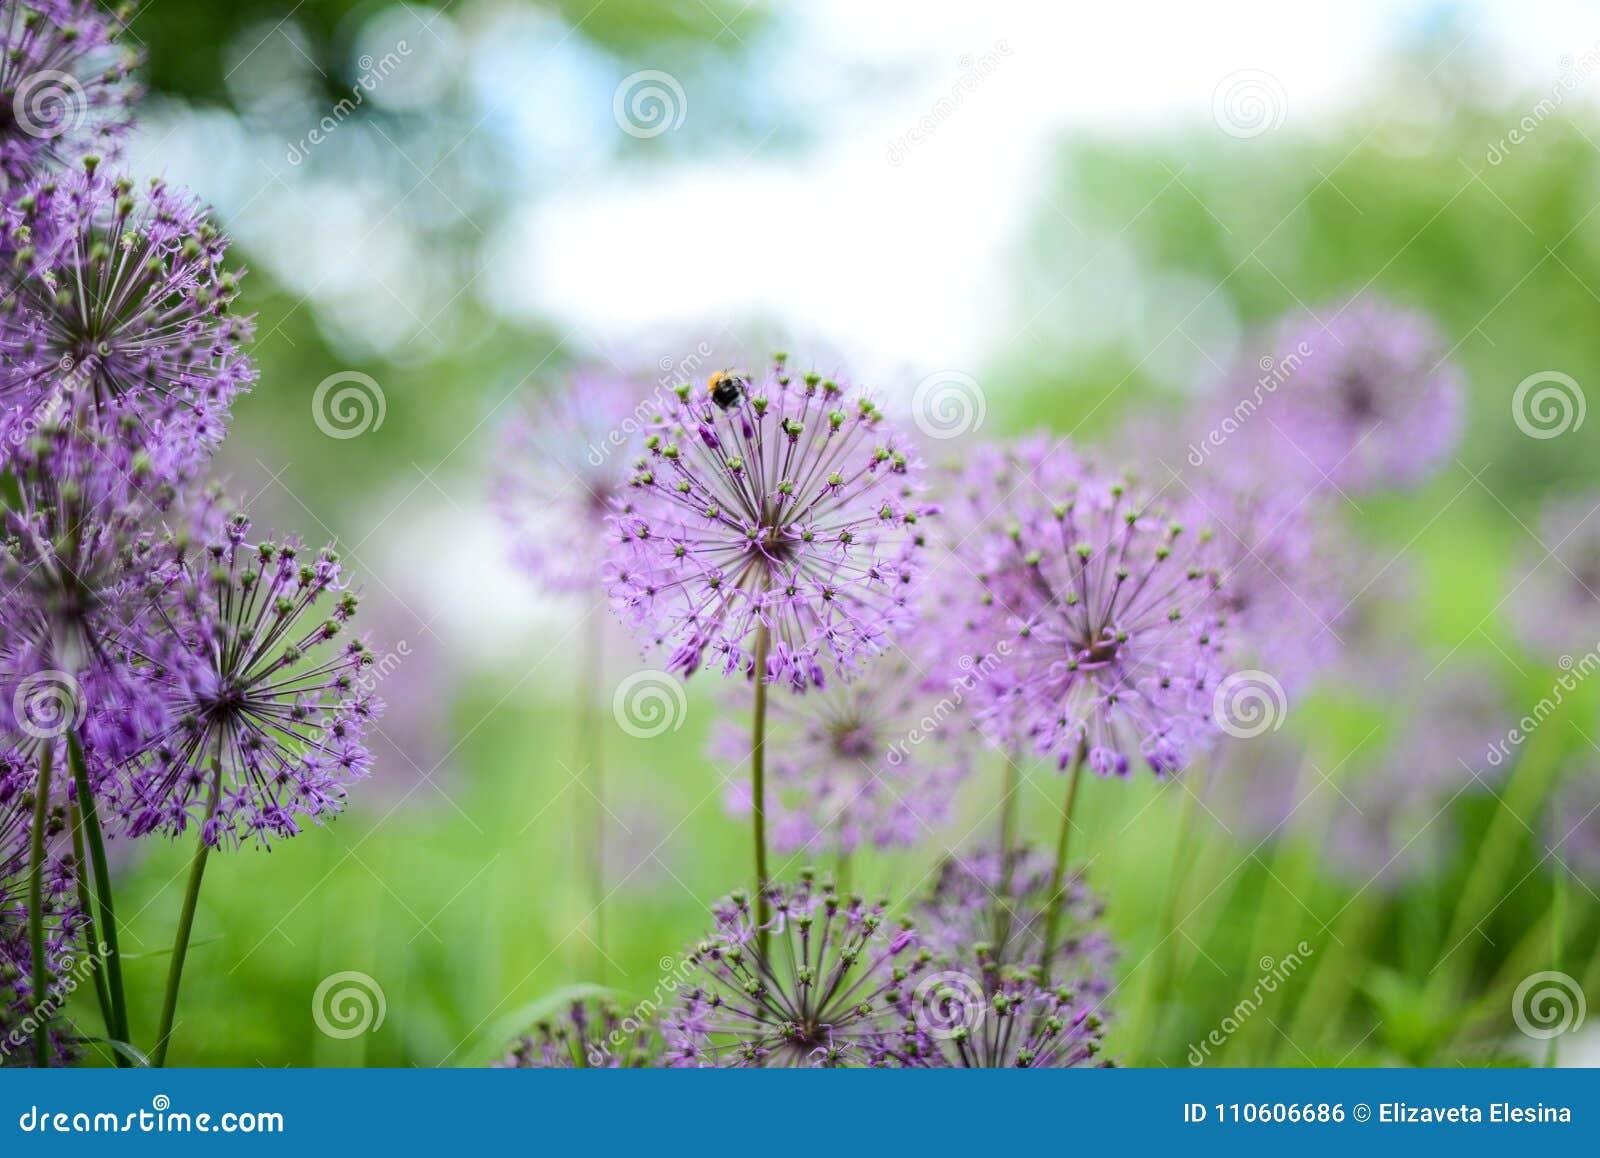 Violette bloemen op het groene gebied